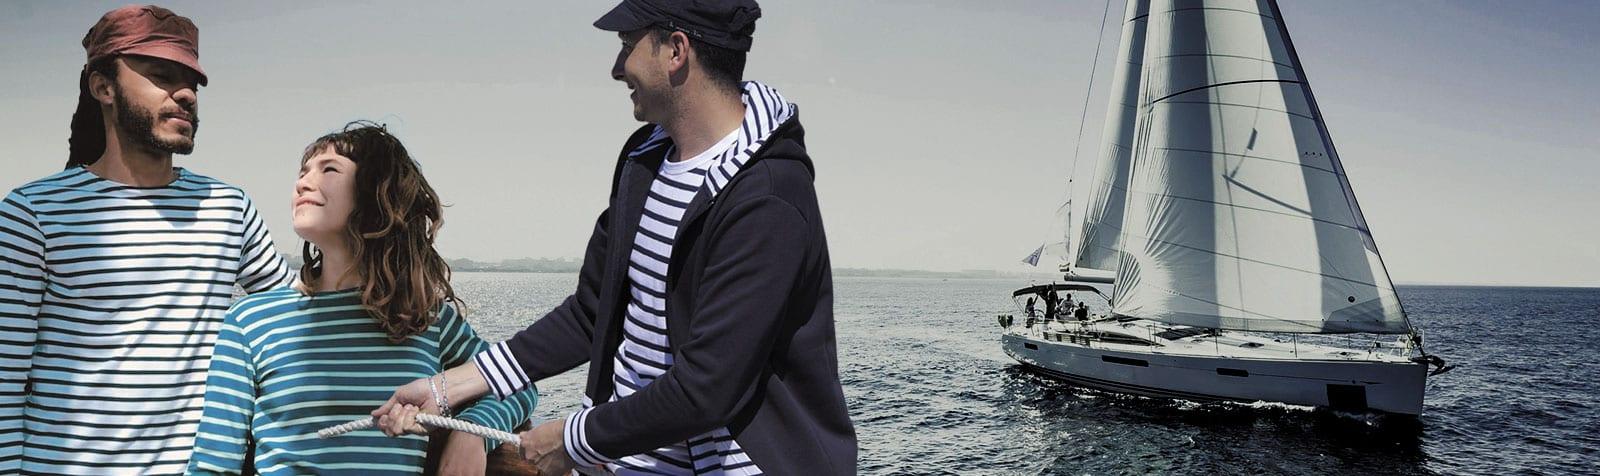 La marine hier - Spécialiste en vêtements marins